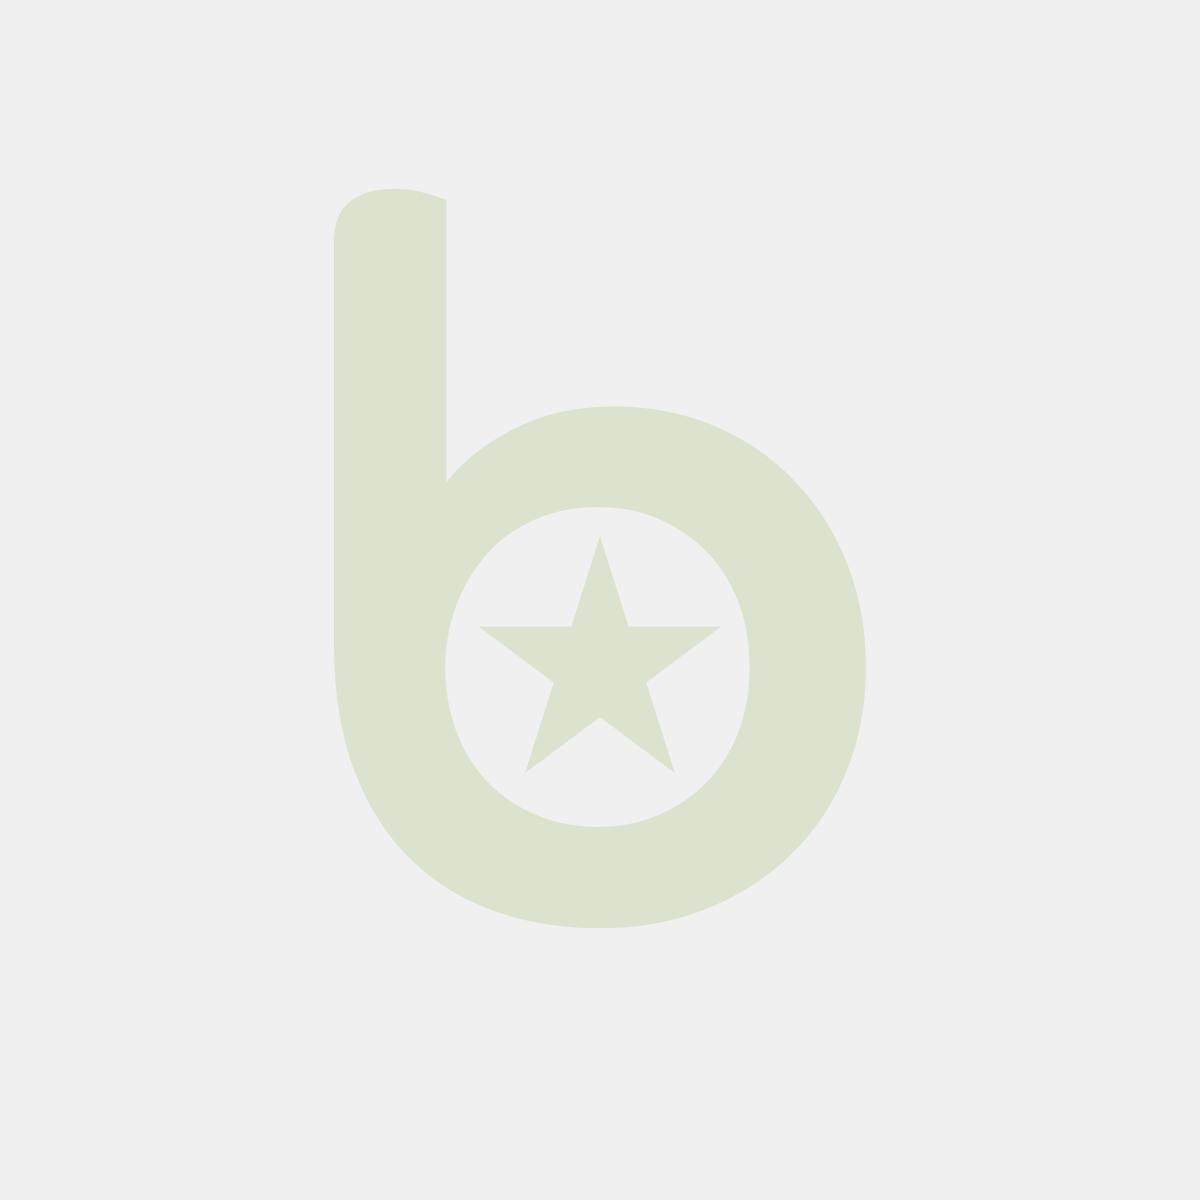 FINGERFOOD - kieliszek krystaliczny 45ml PS op. 6 sztuk